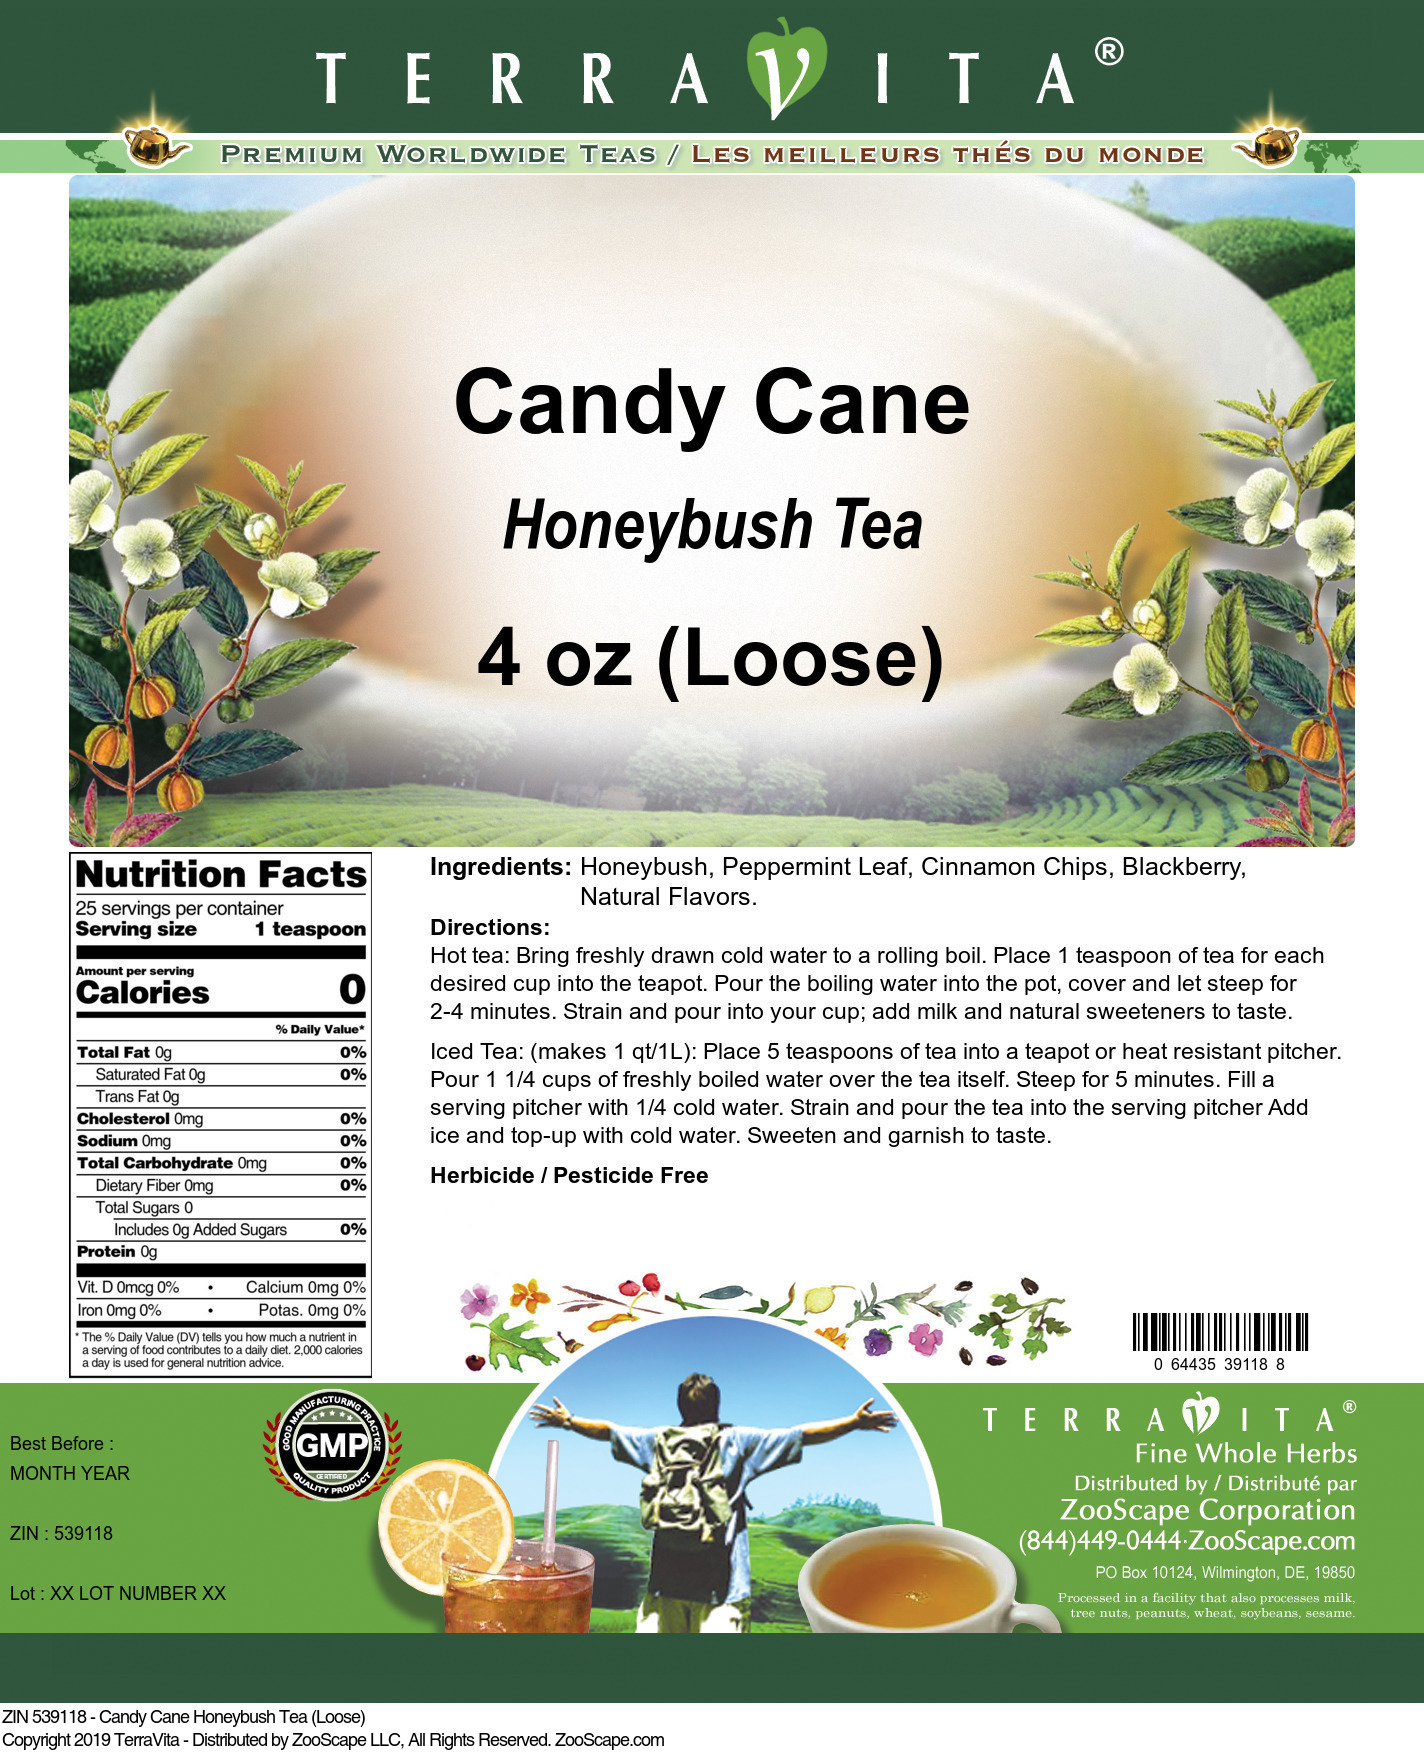 Candy Cane Honeybush Tea (Loose)